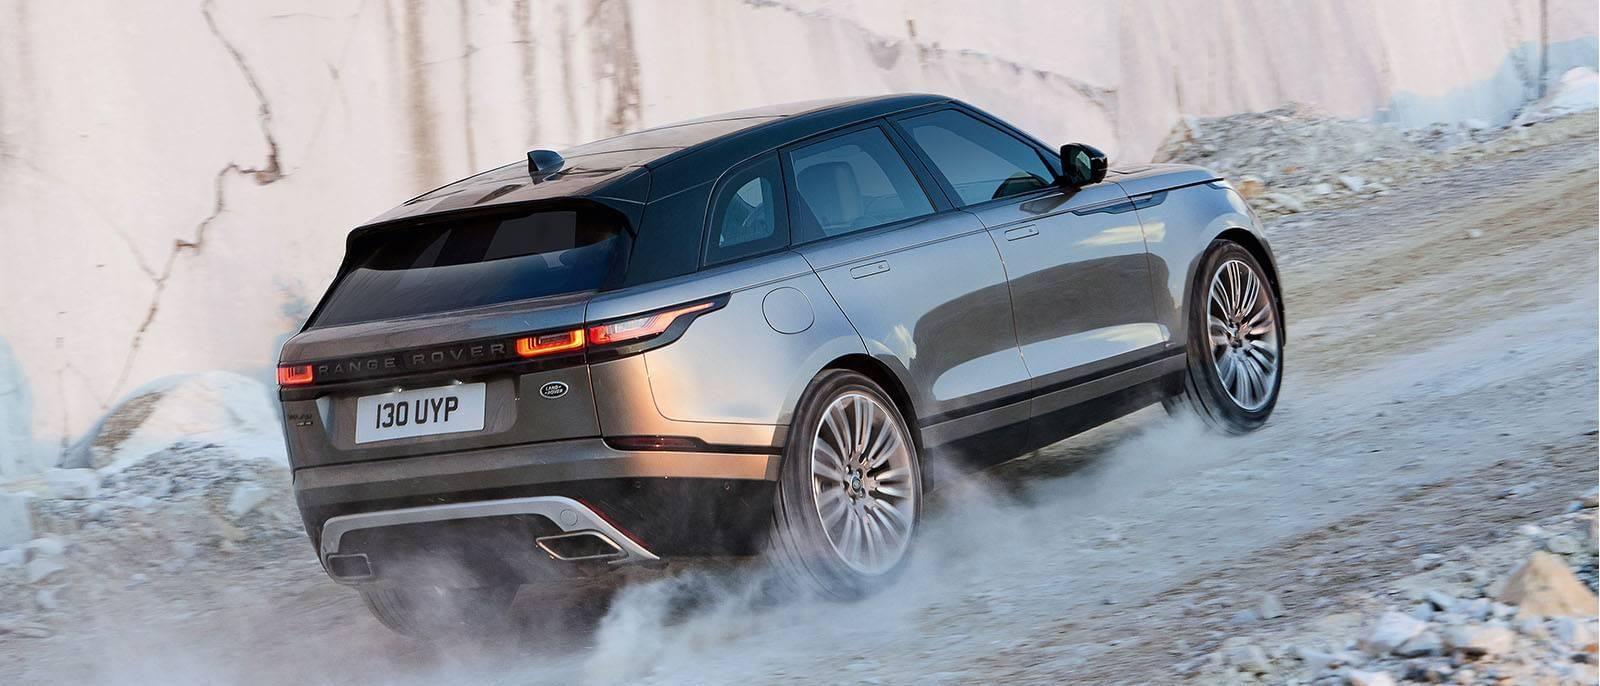 The AllNew Range Rover Velar Range rover, Best suv cars